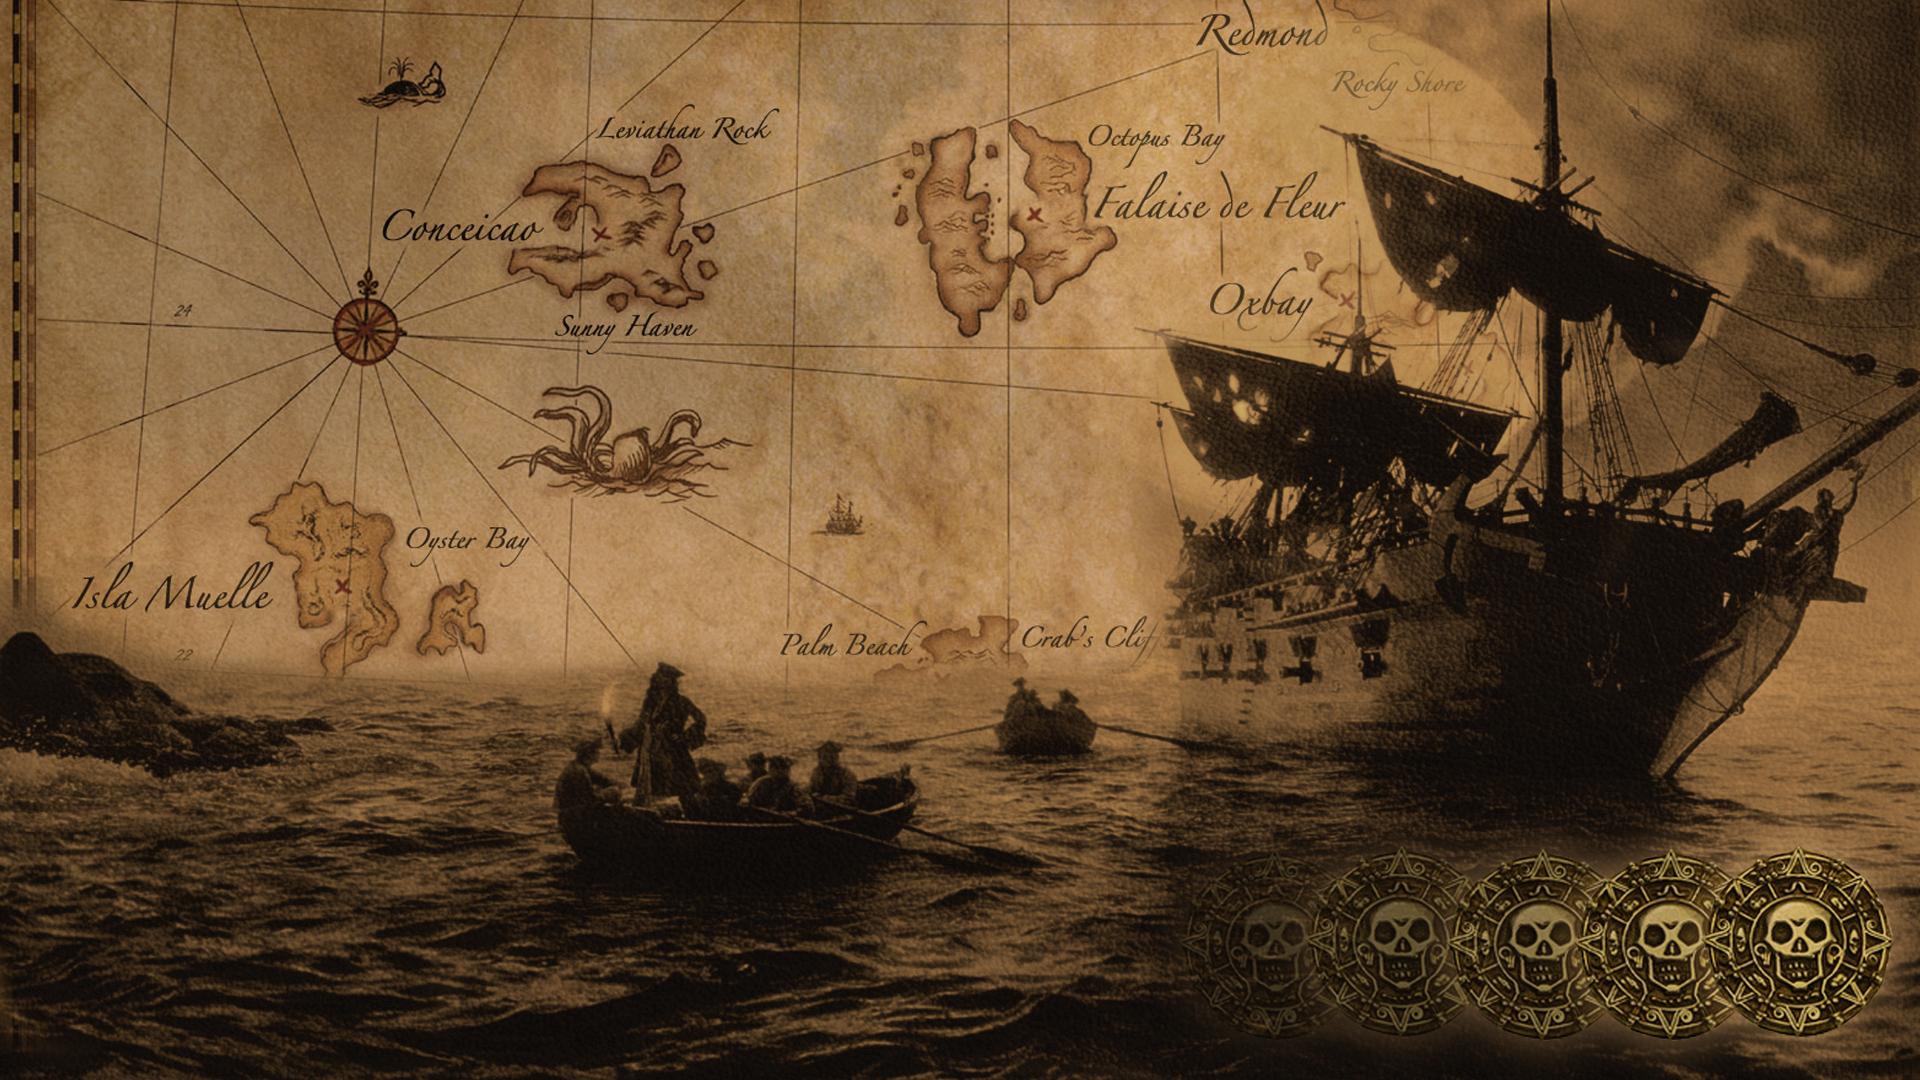 обои для рабочего стола пиратские темы № 618563  скачать